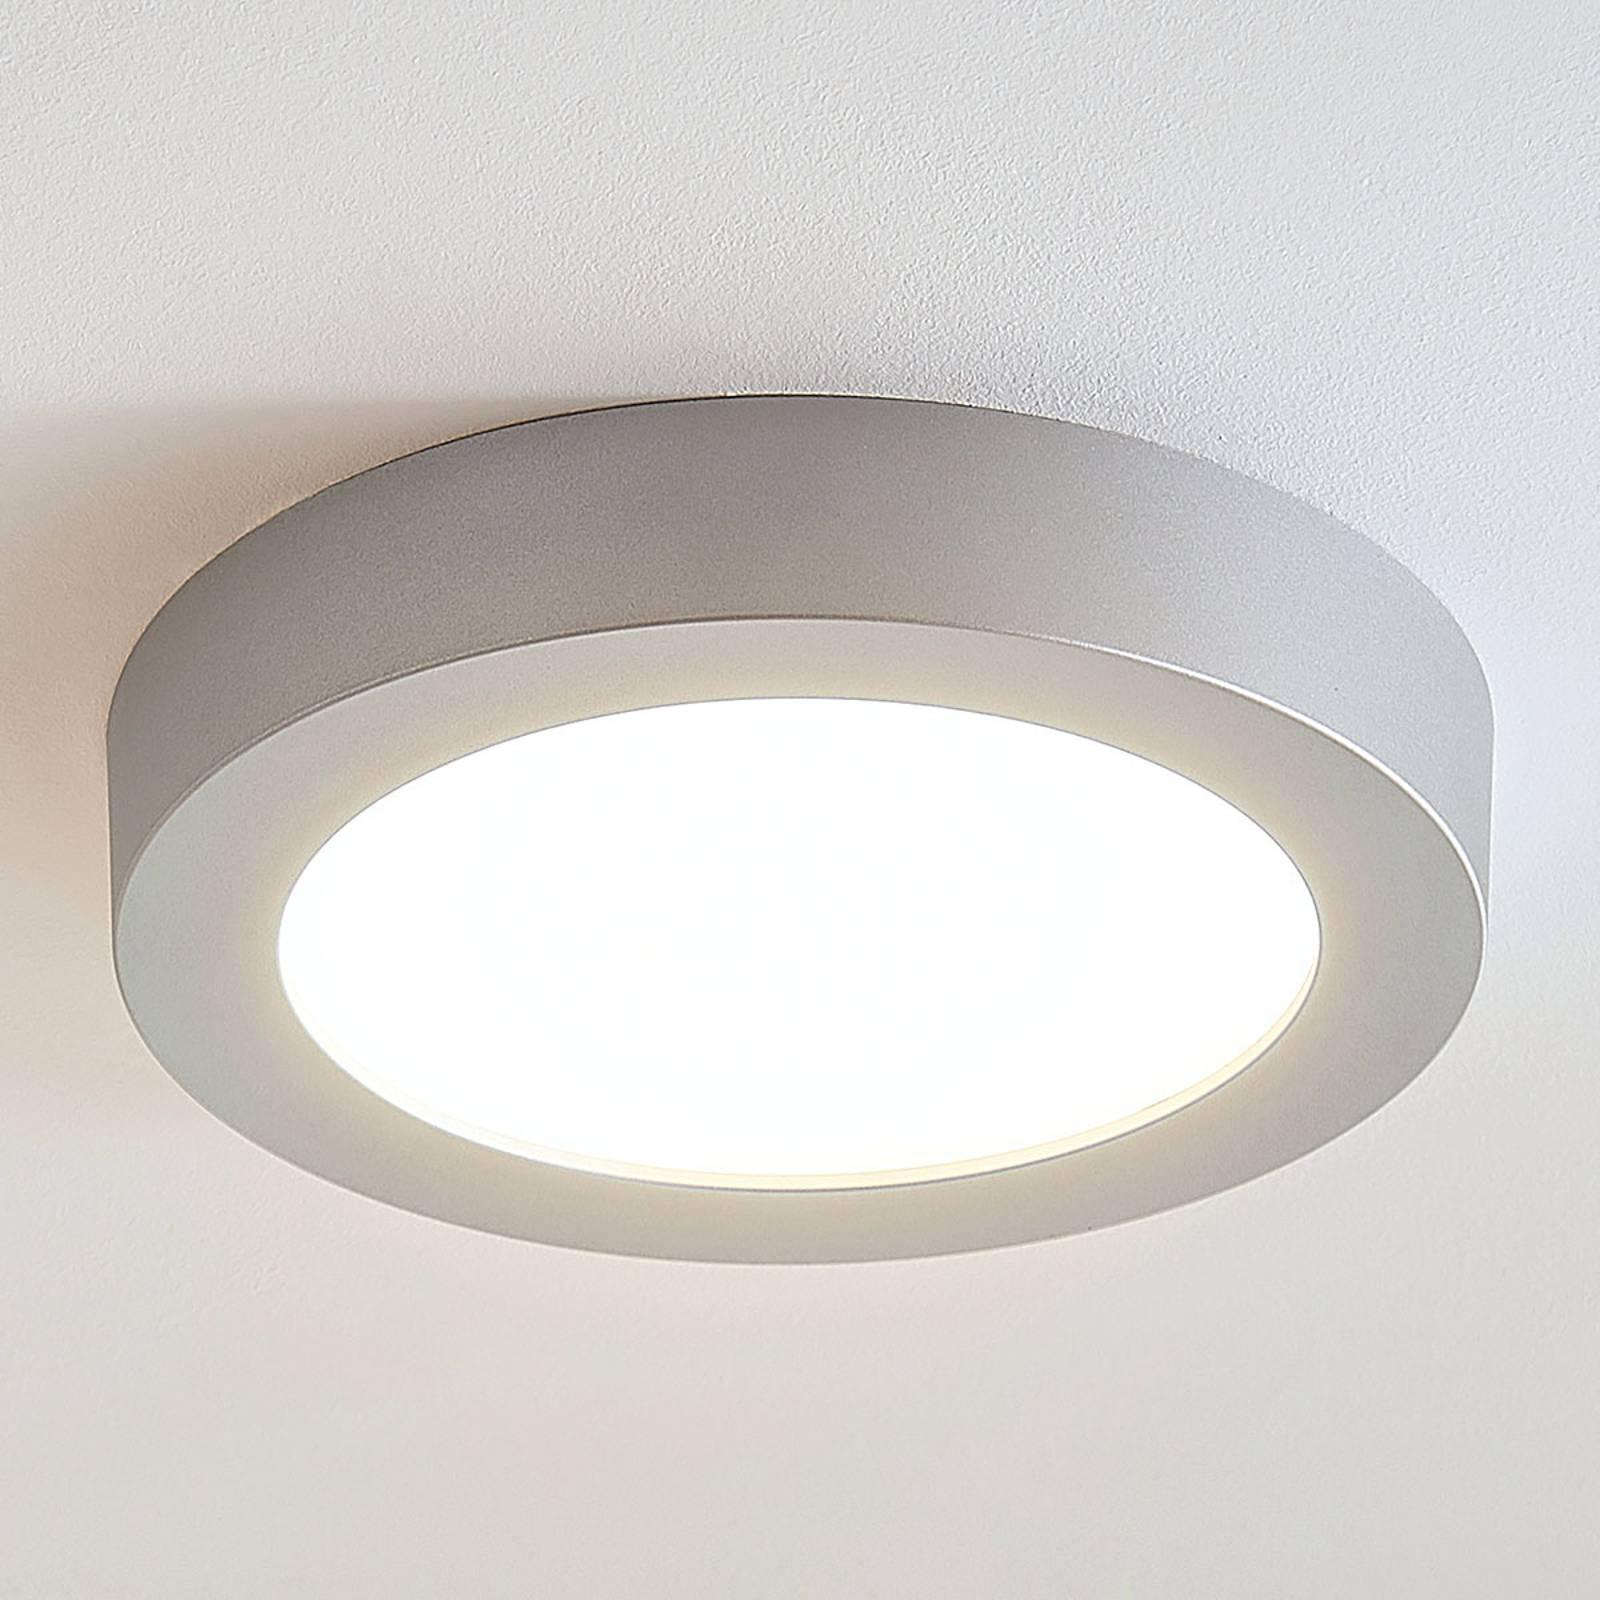 LED-kattovalo Marlo hopea 3 000 K pyöreä 25,2 cm